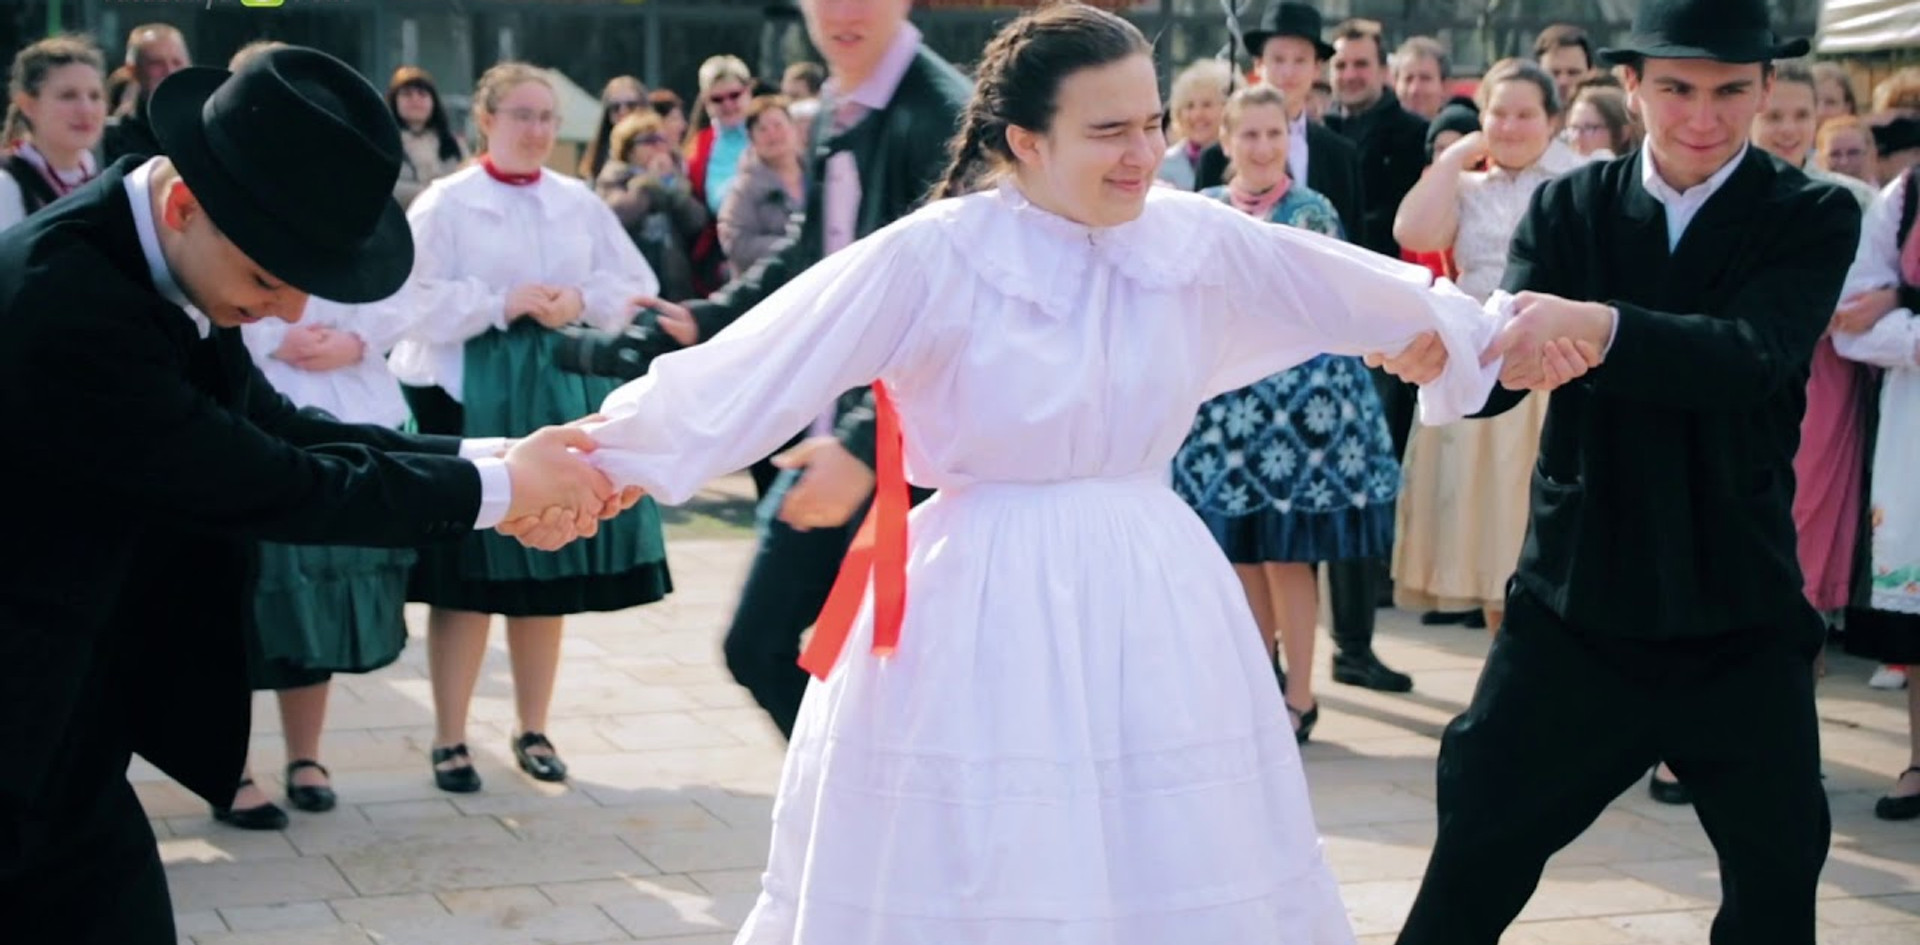 Húsvéti locsolkodás az Árpád téren